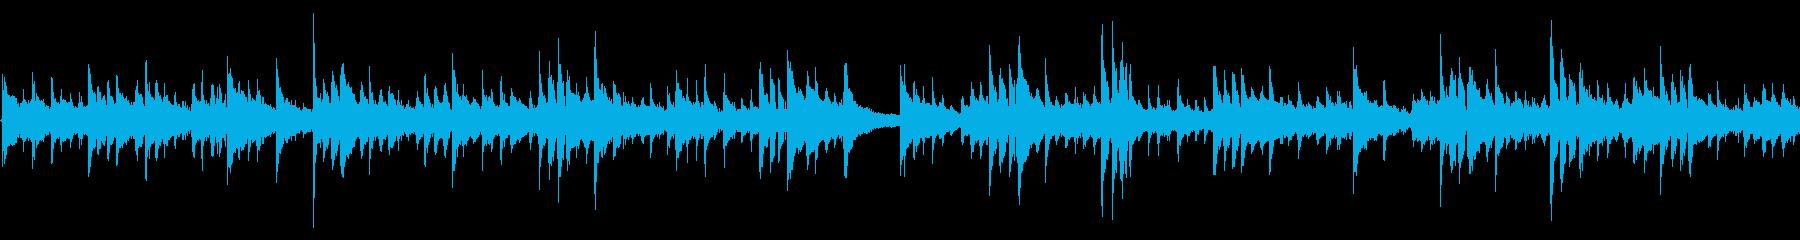 アコギ45(ループ)/クラゲ、深海の再生済みの波形